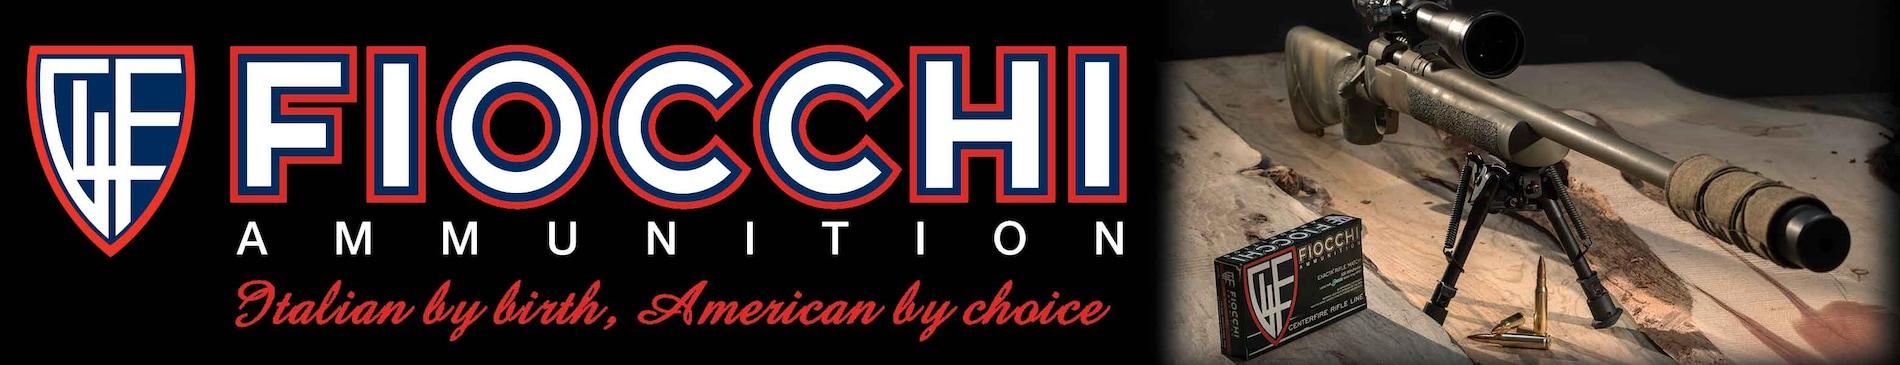 Fiocchi Ammunition – Italian by birth, American by choice.